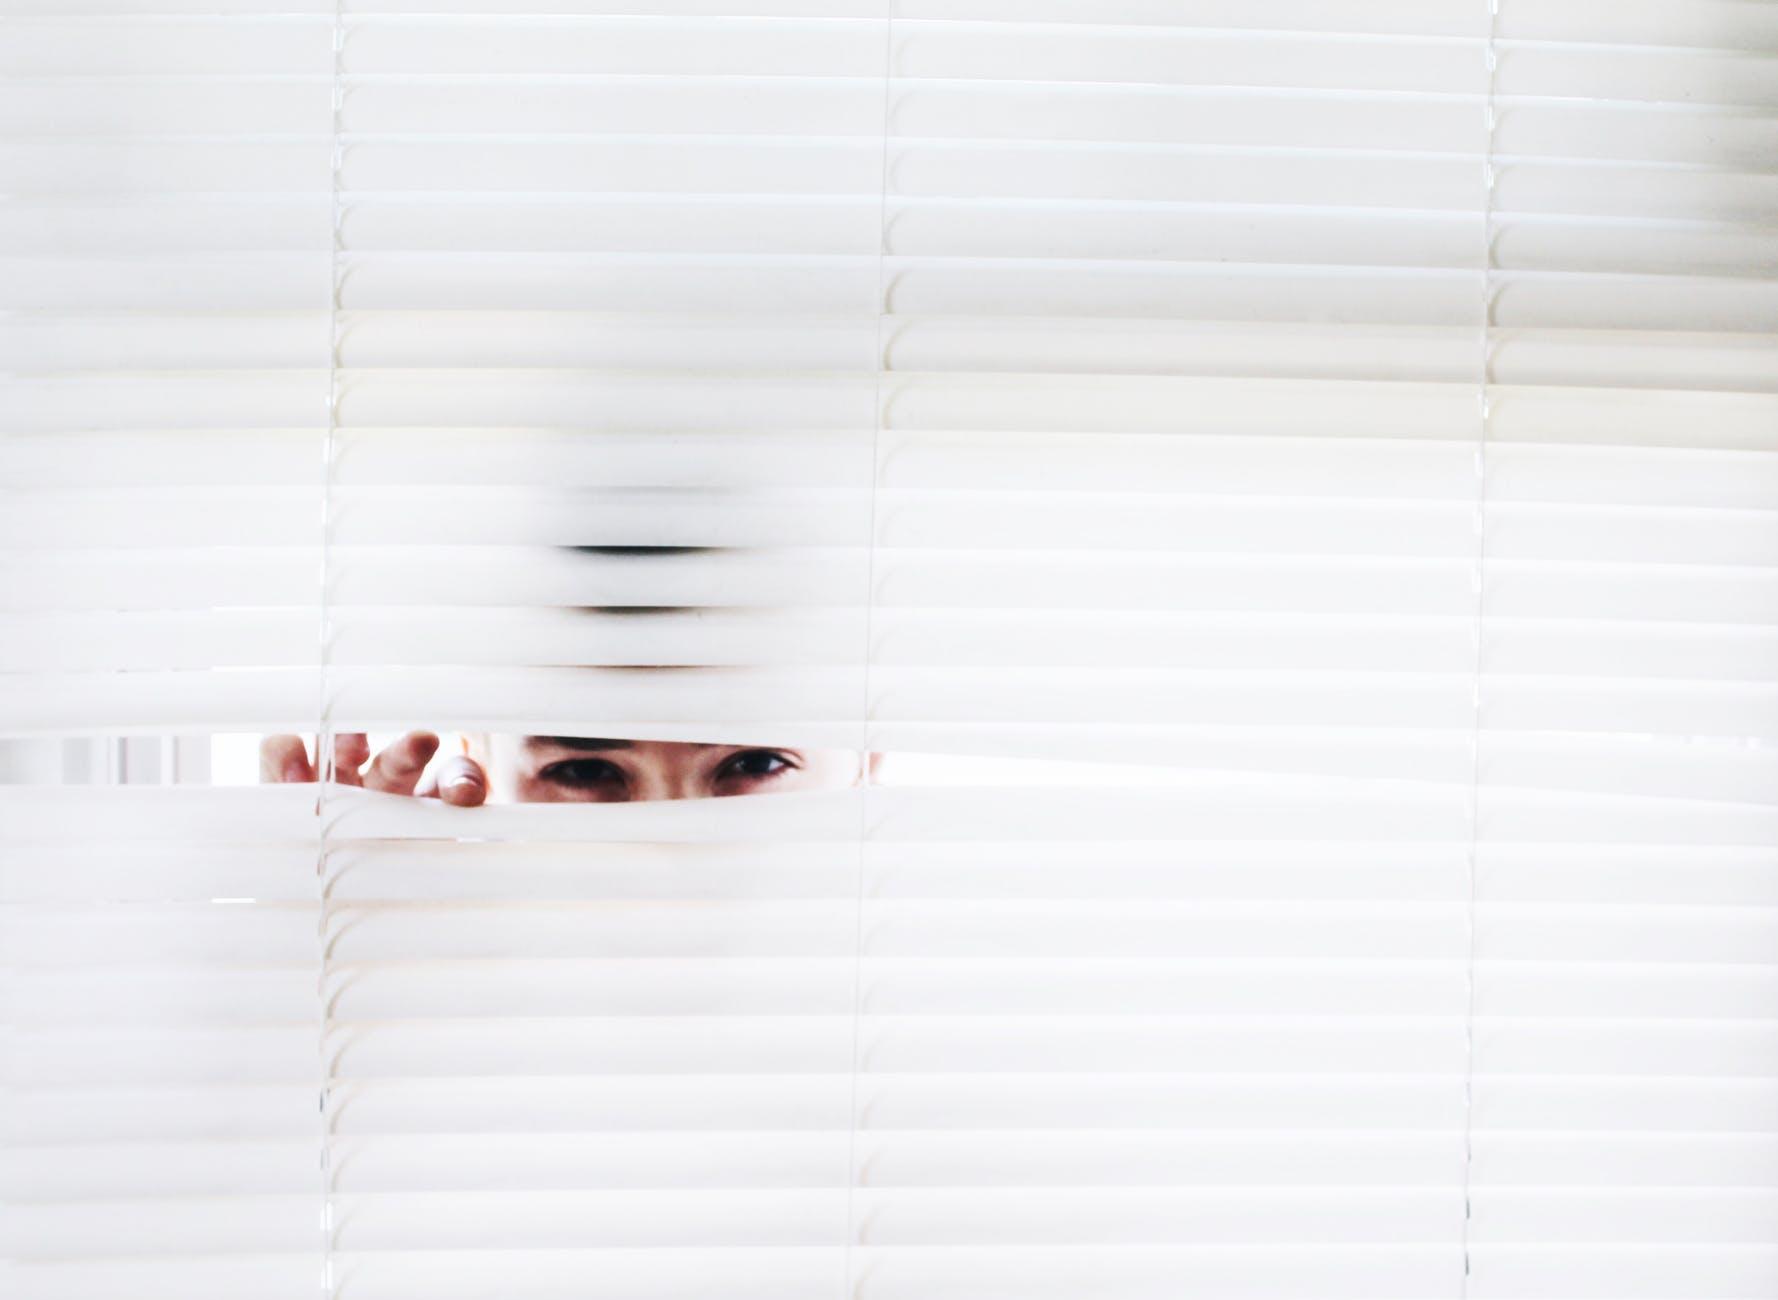 פגיעה-בפרטיות-עובד